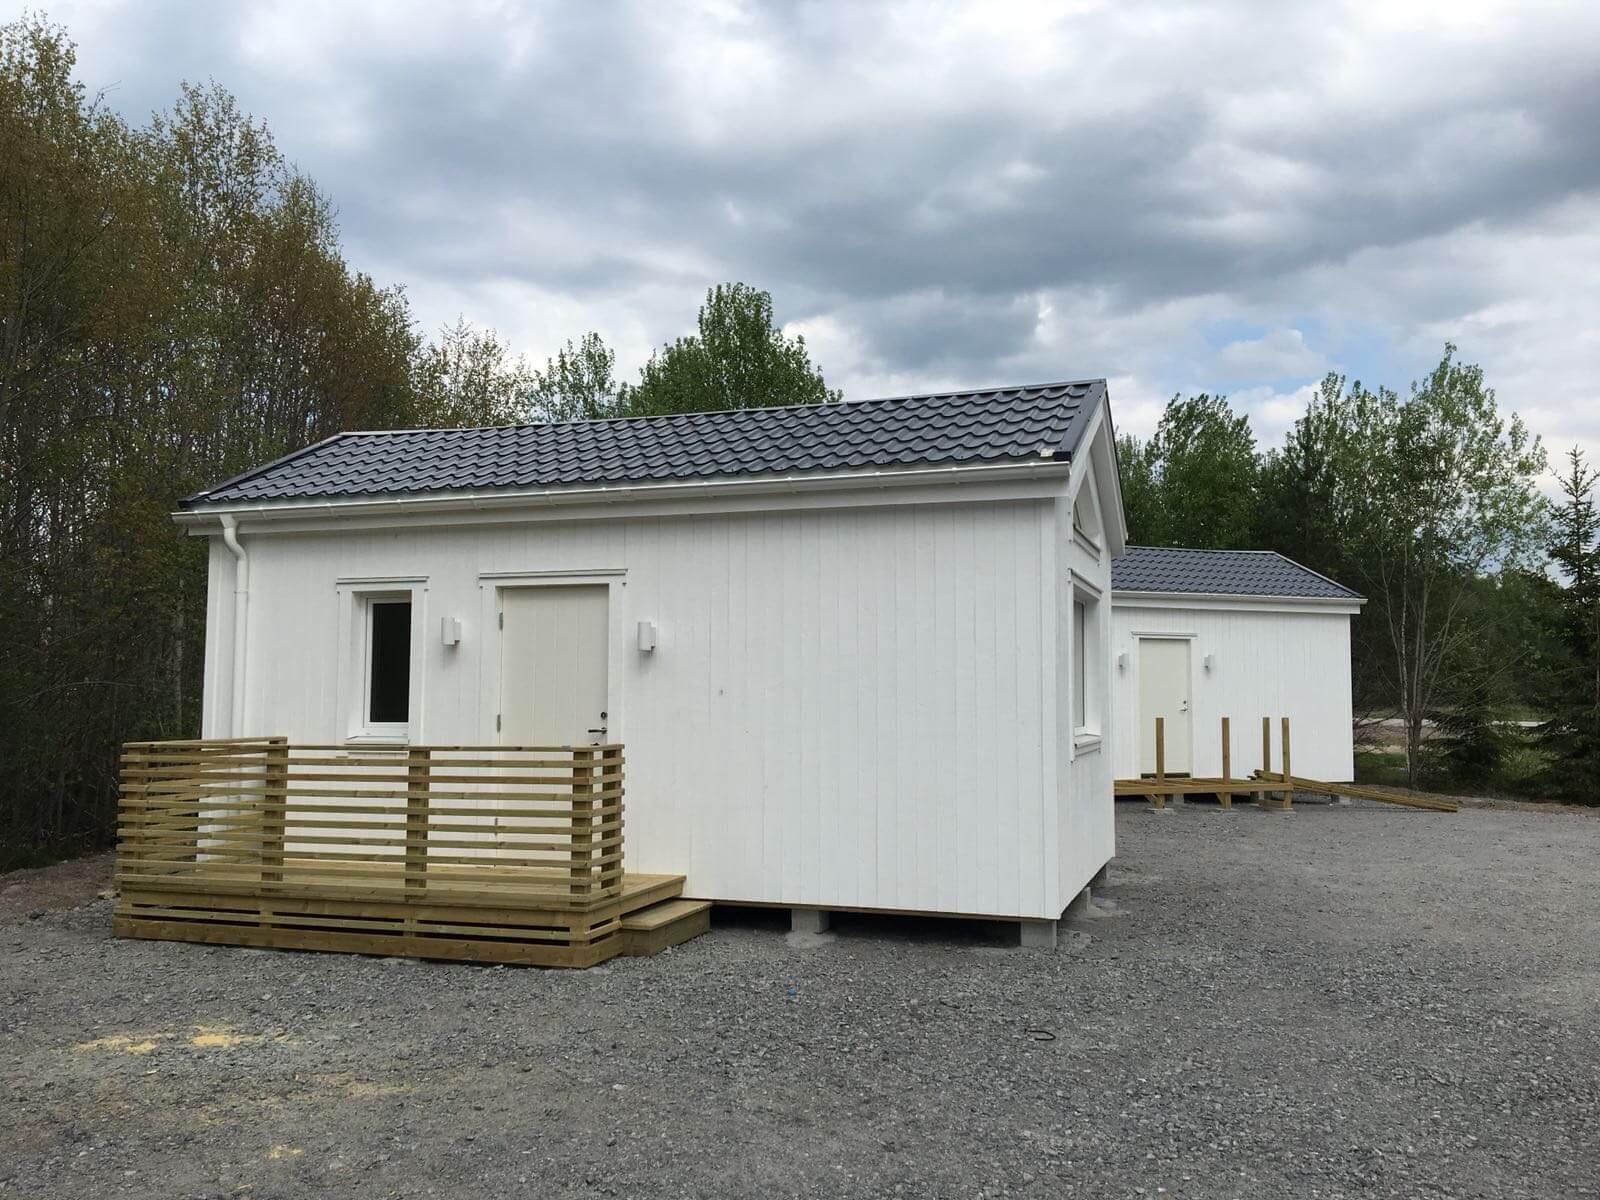 Bostadsrättsförening köper Attefallshus